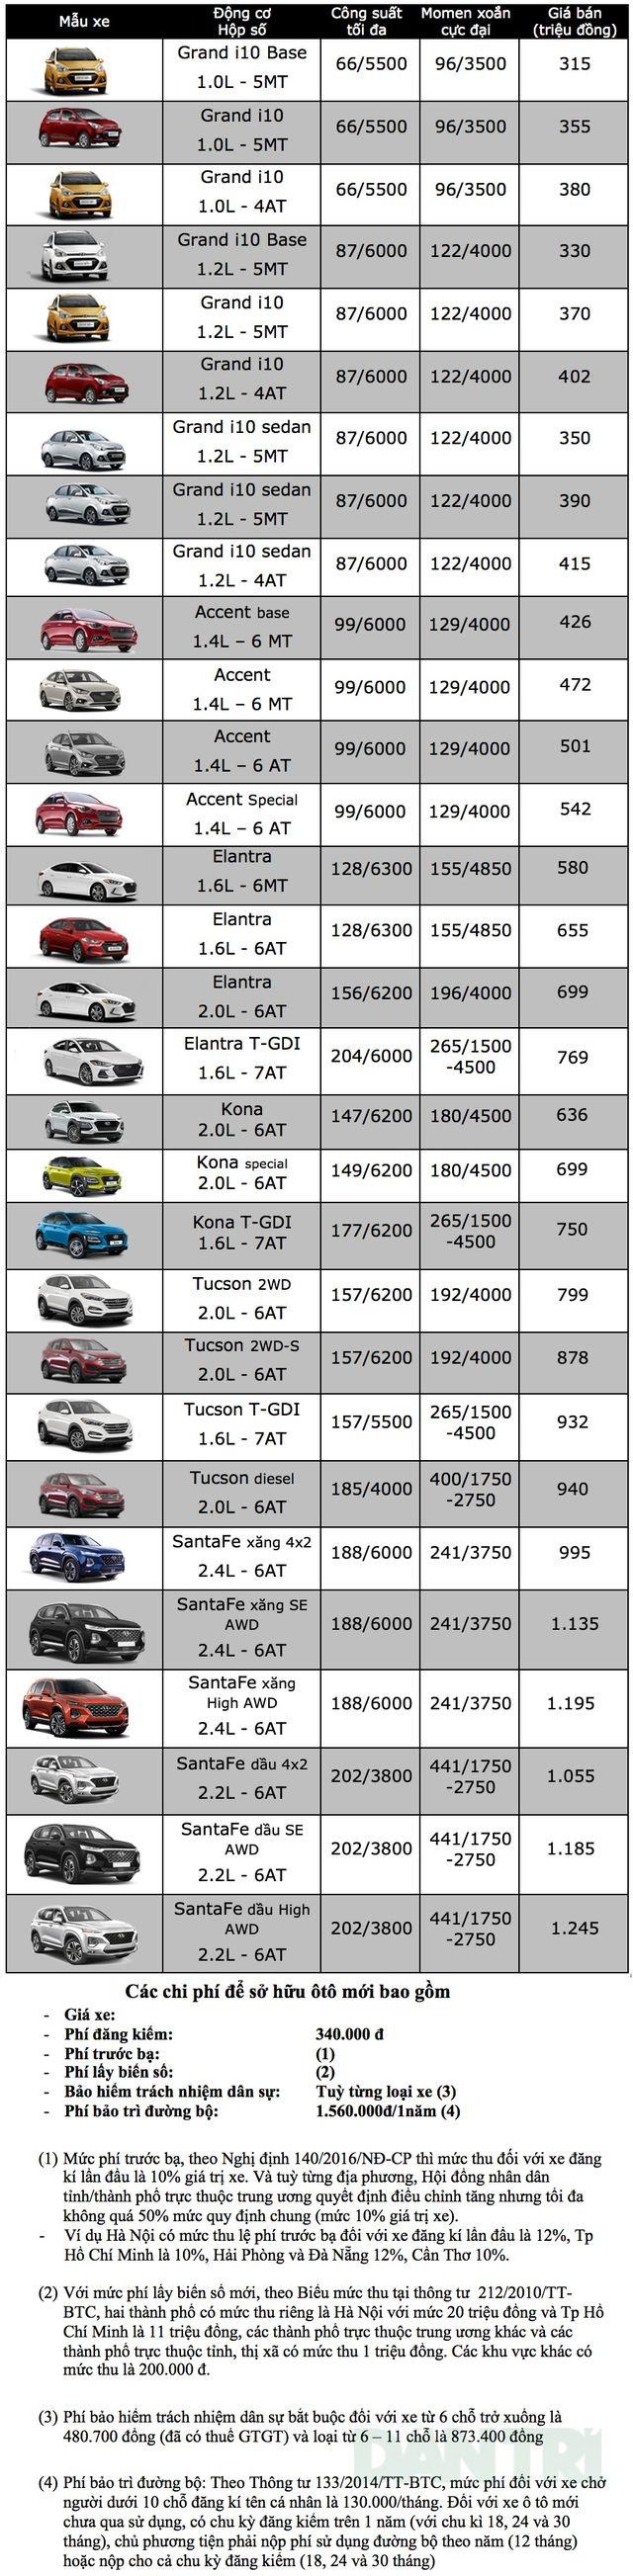 Bảng giá Hyundai tại Việt Nam cập nhật tháng 7/2019 - 1